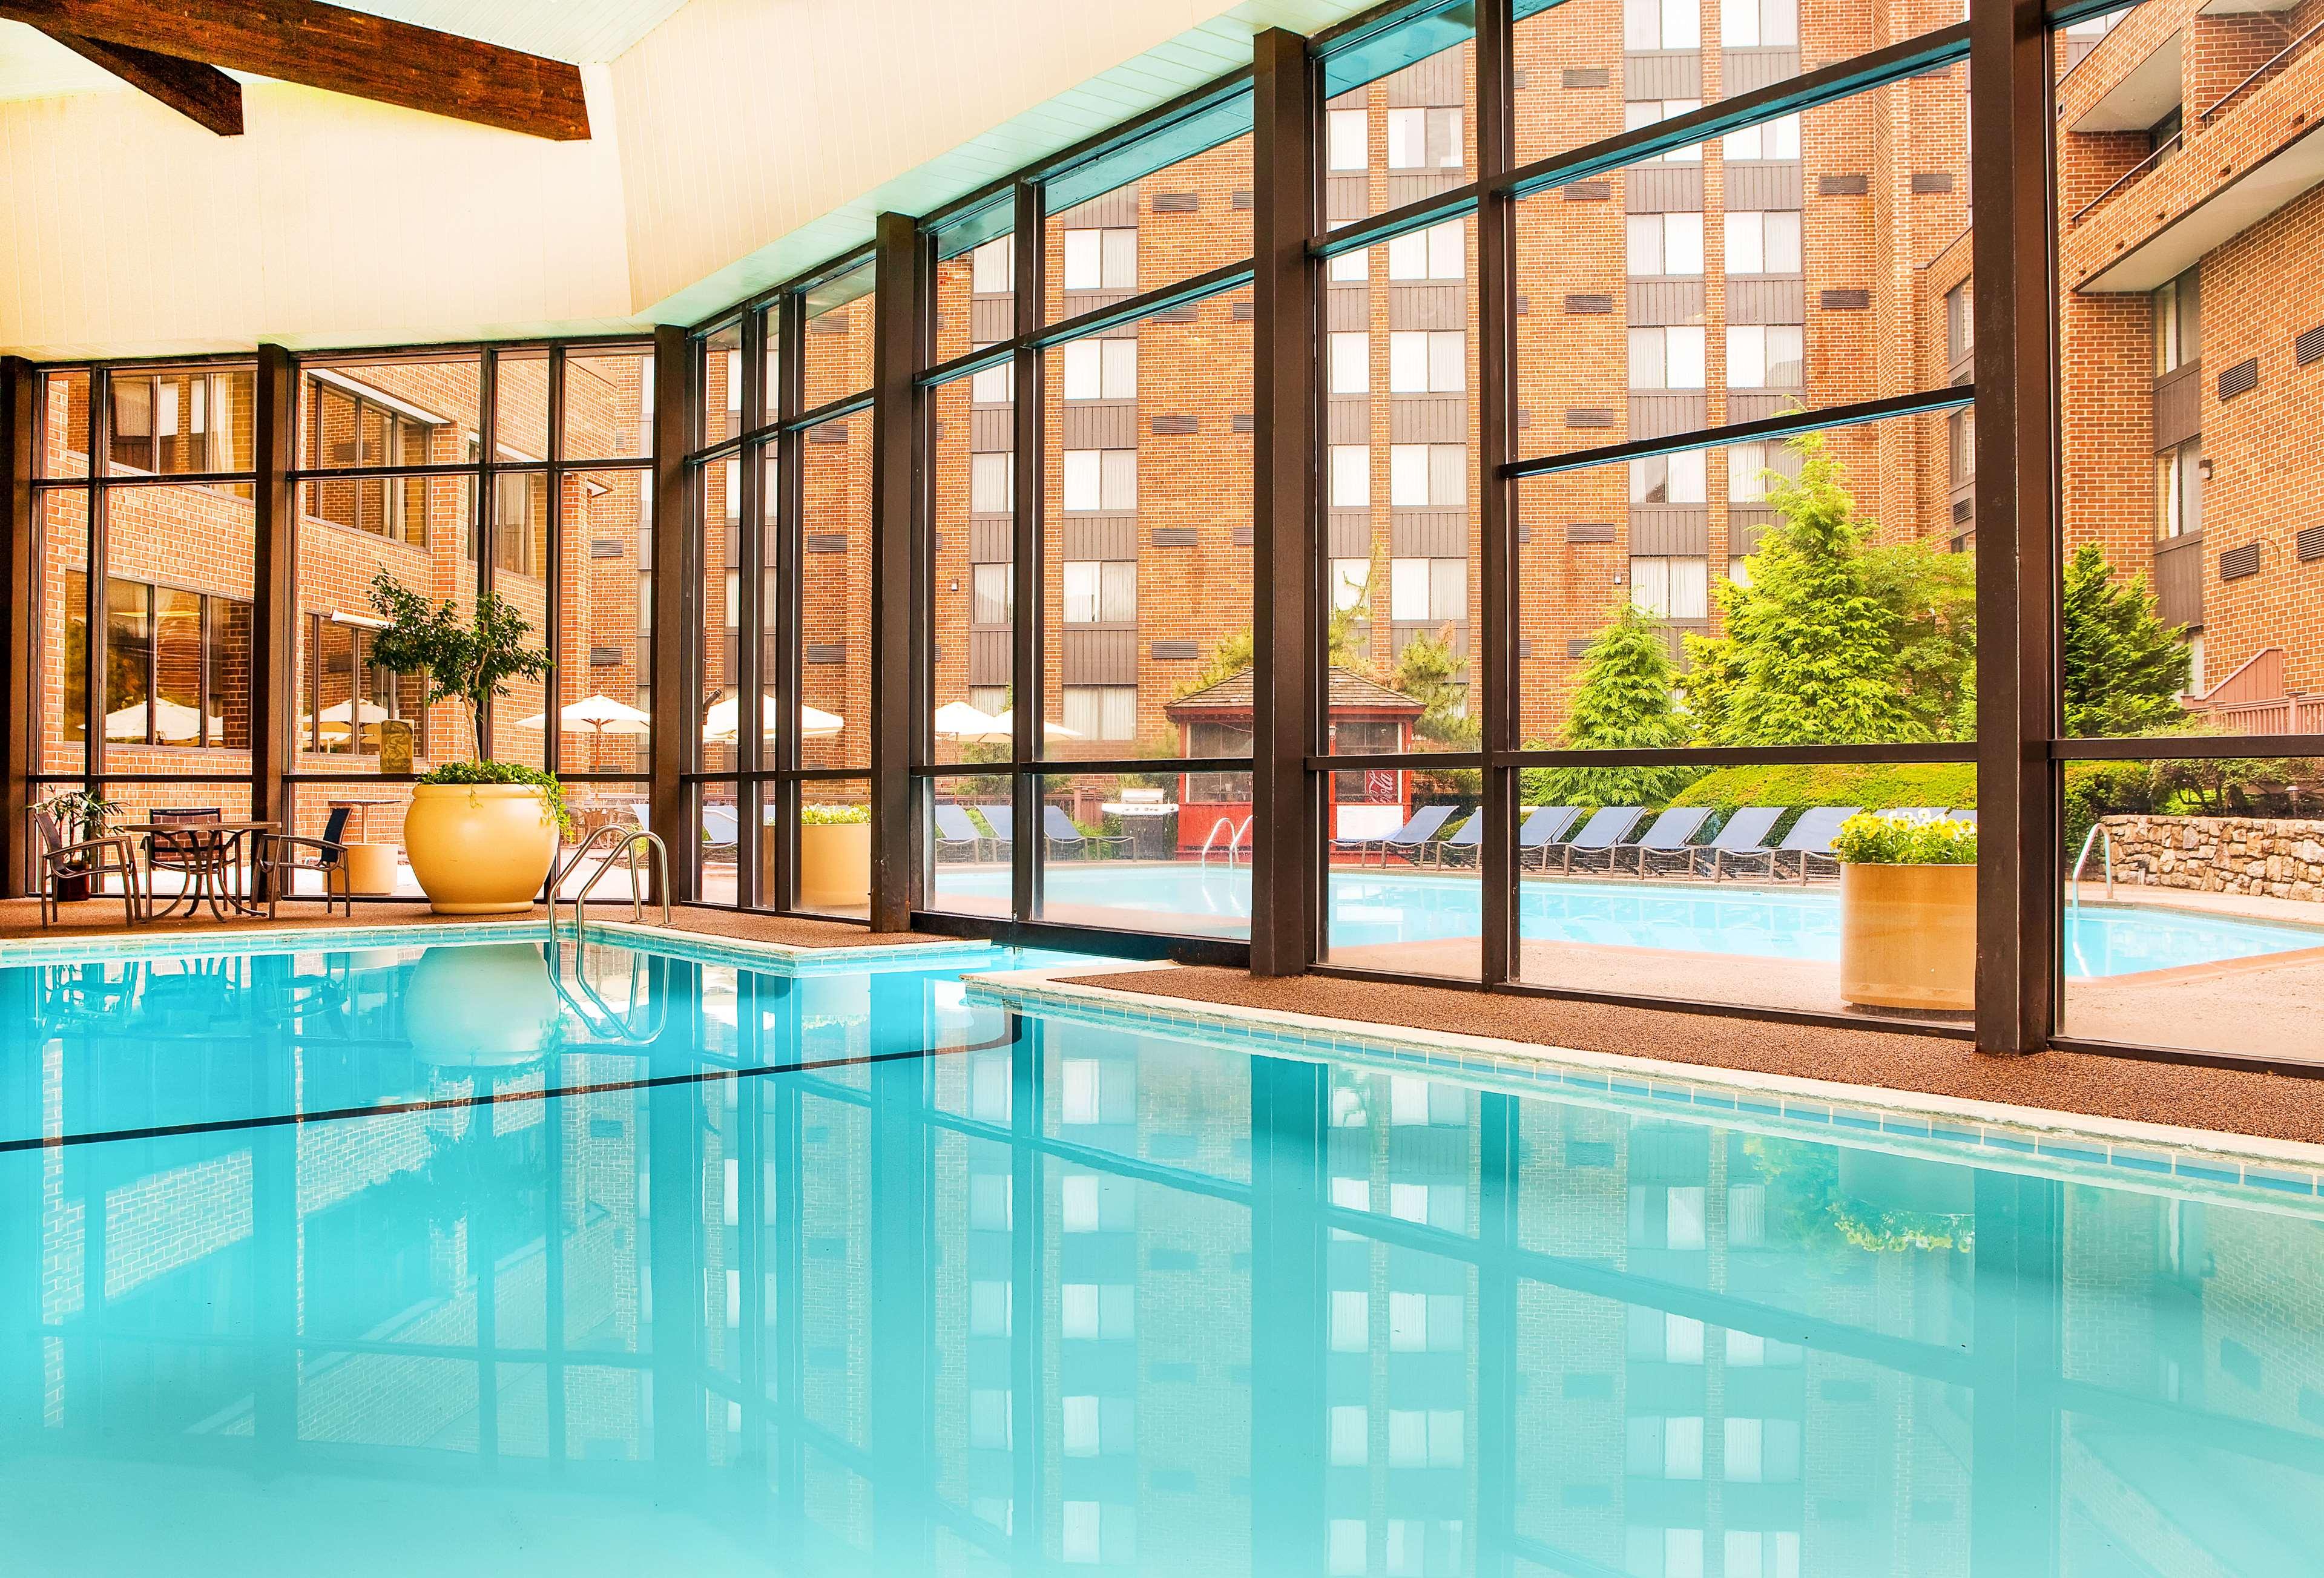 Sheraton Harrisburg Hershey Hotel image 2